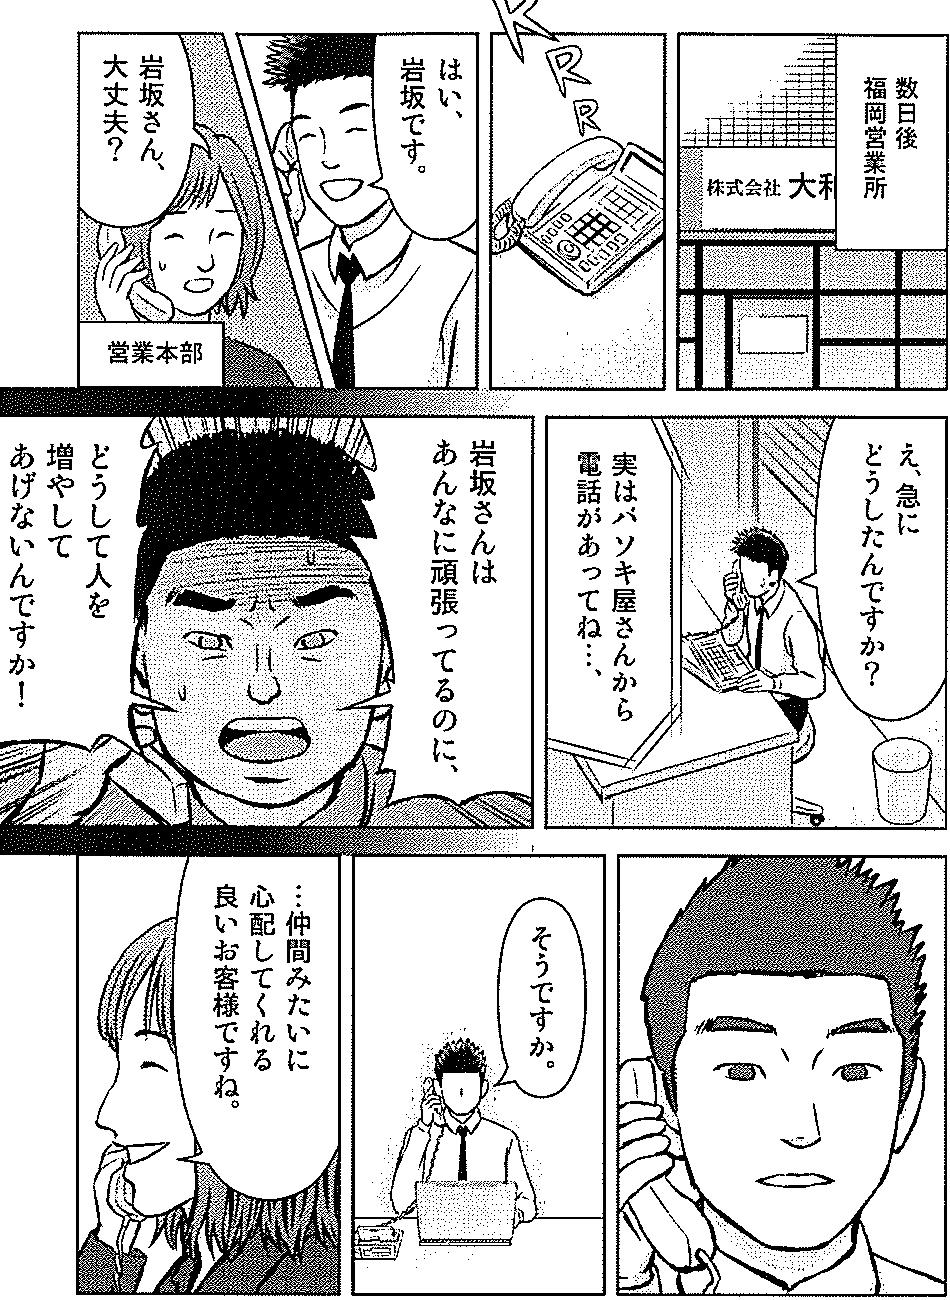 数日後 福岡営業所 はい、岩坂です。 岩坂さん、大丈夫ですか? え、急にどうしたんですか? 実はボソキ屋さんから電話があってね・・岩坂さんは頑張ってるのに、どうして人を増やしてあげないんですか! そうですか。 仲間みたいに心配してくれる良いお客様ですね。